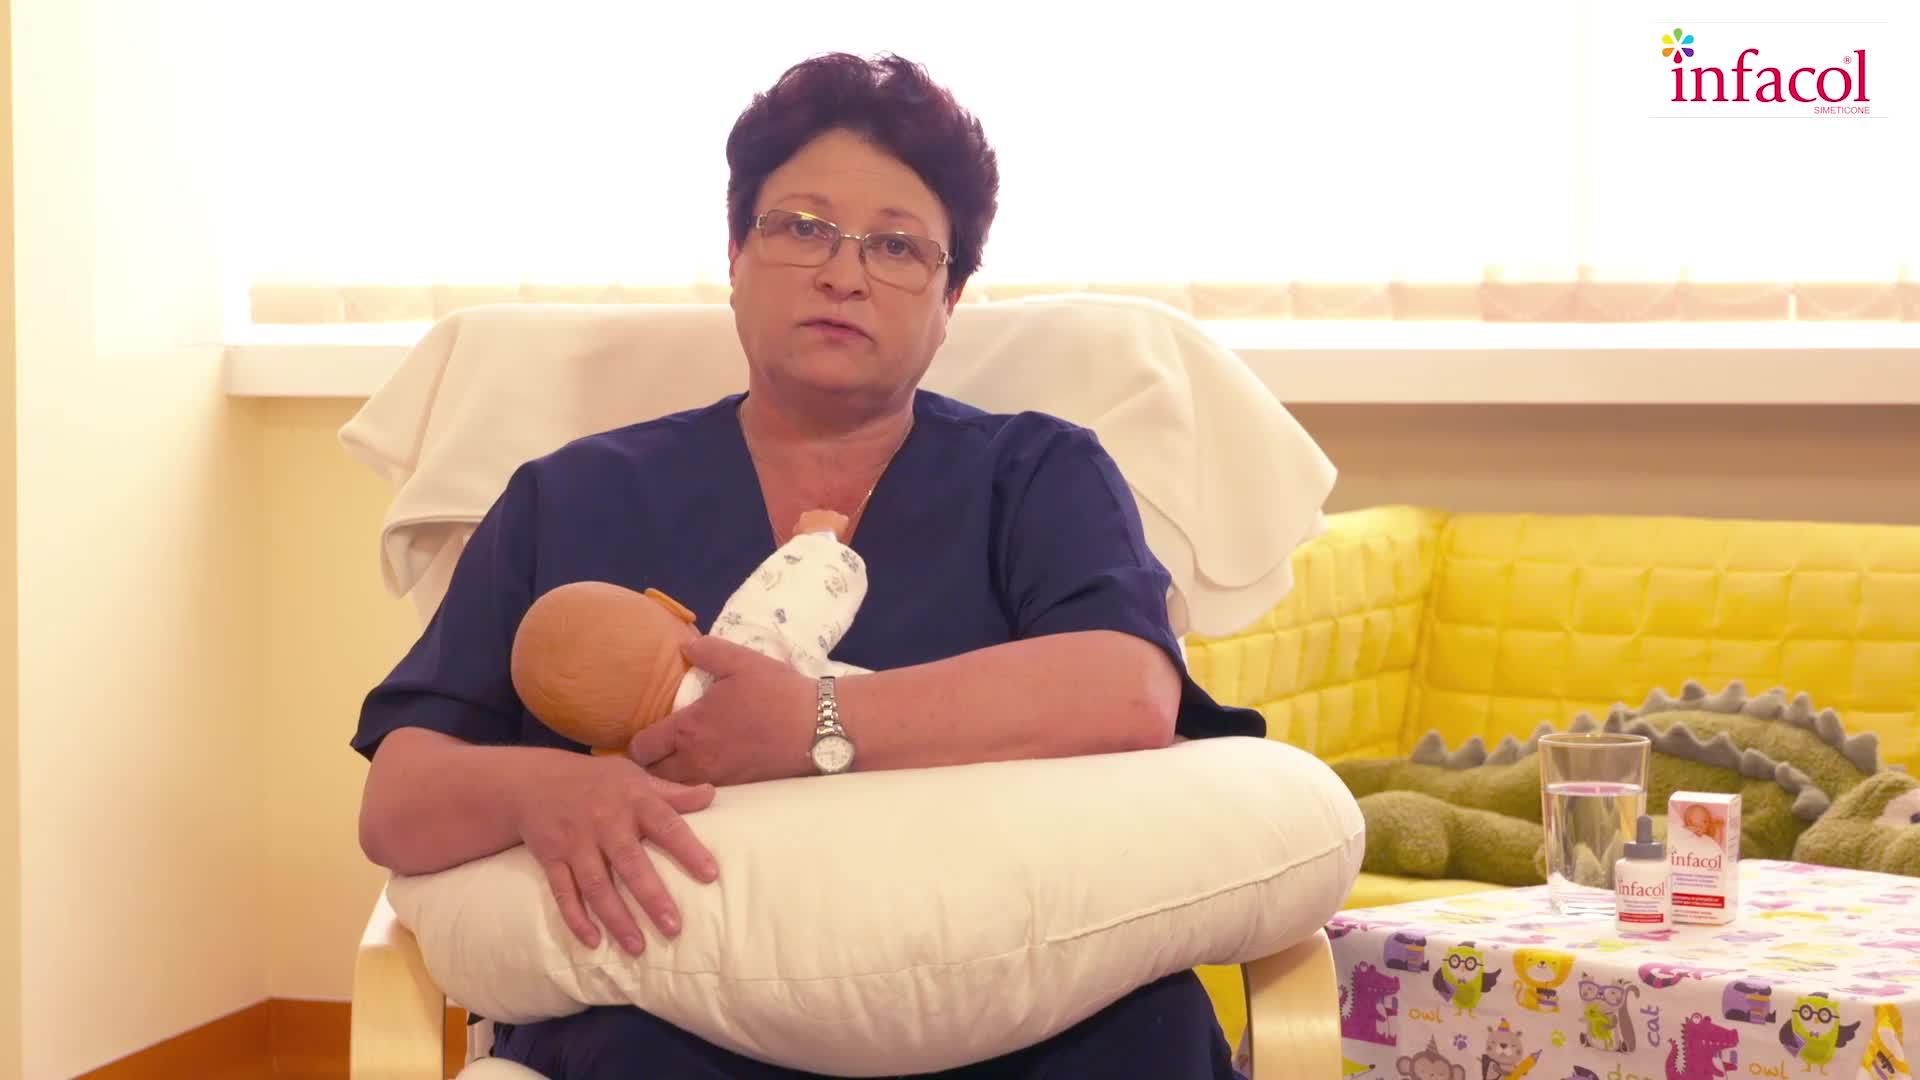 Как се кърми така, че бебето да няма колики?